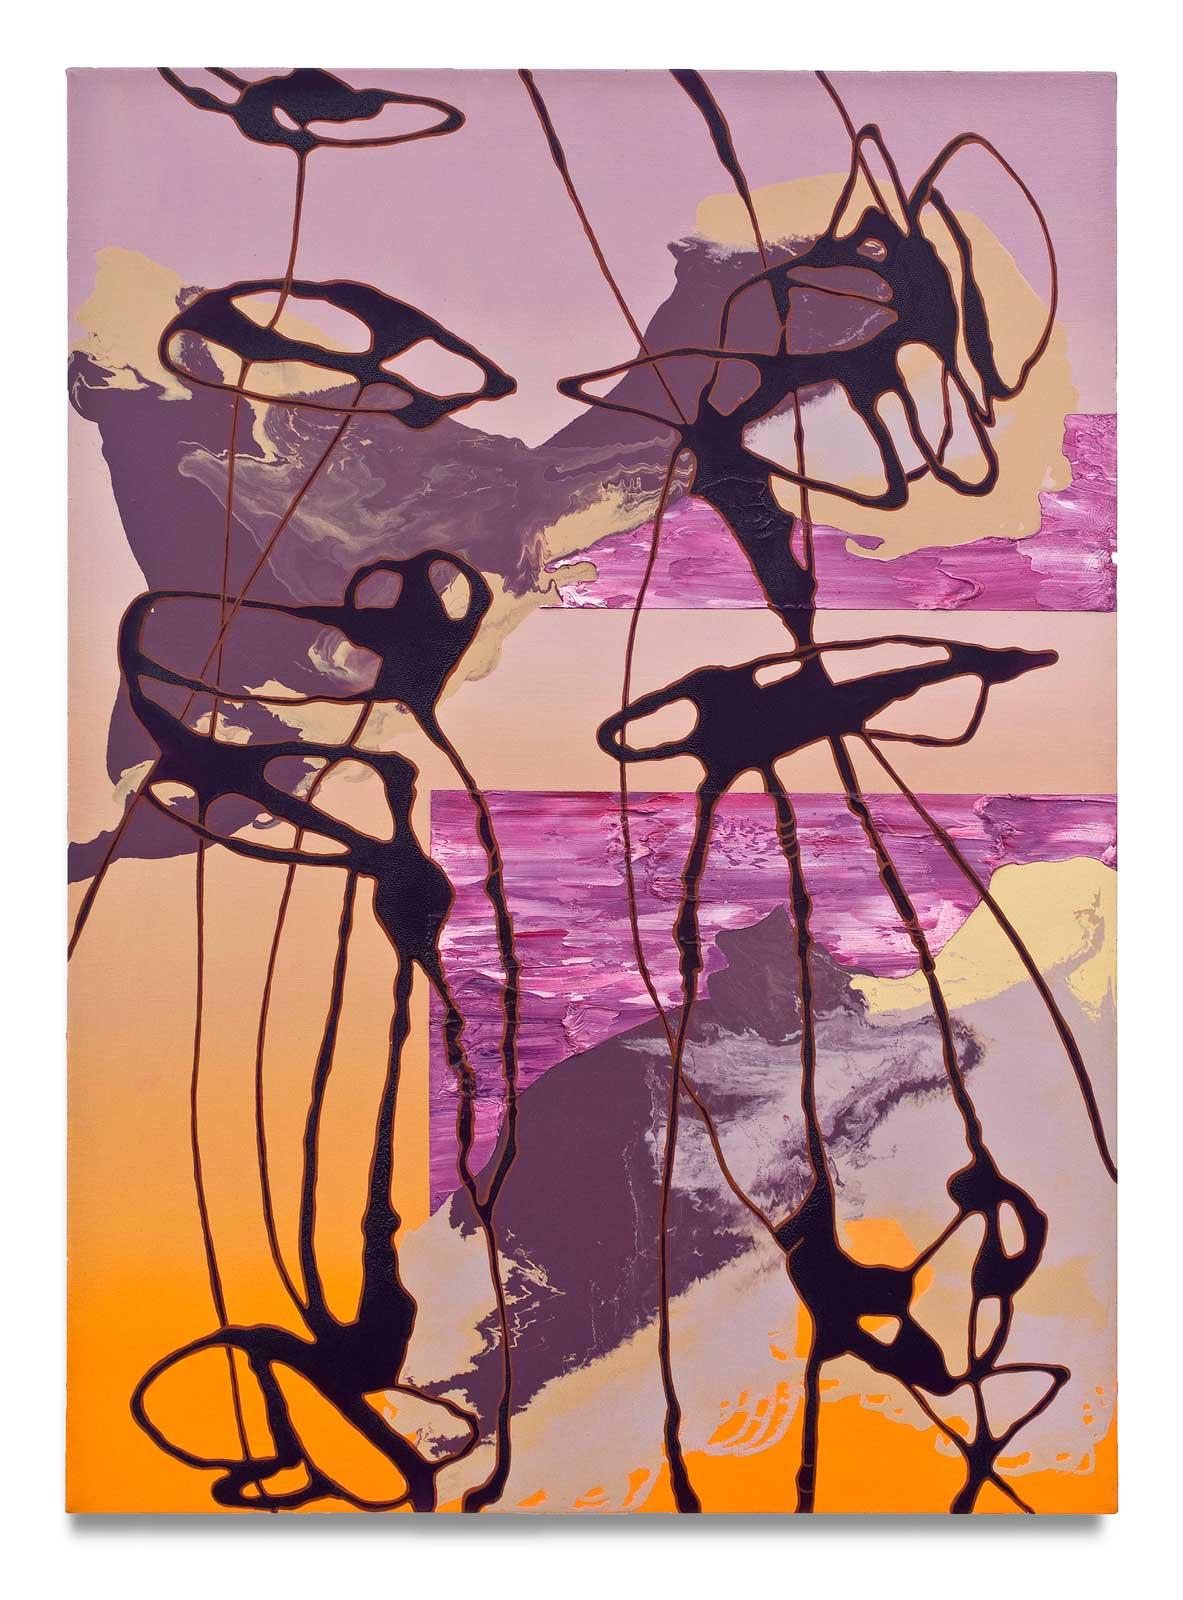 Dusk-oil-on-canvas-111.76 cm x 81.28 cm.